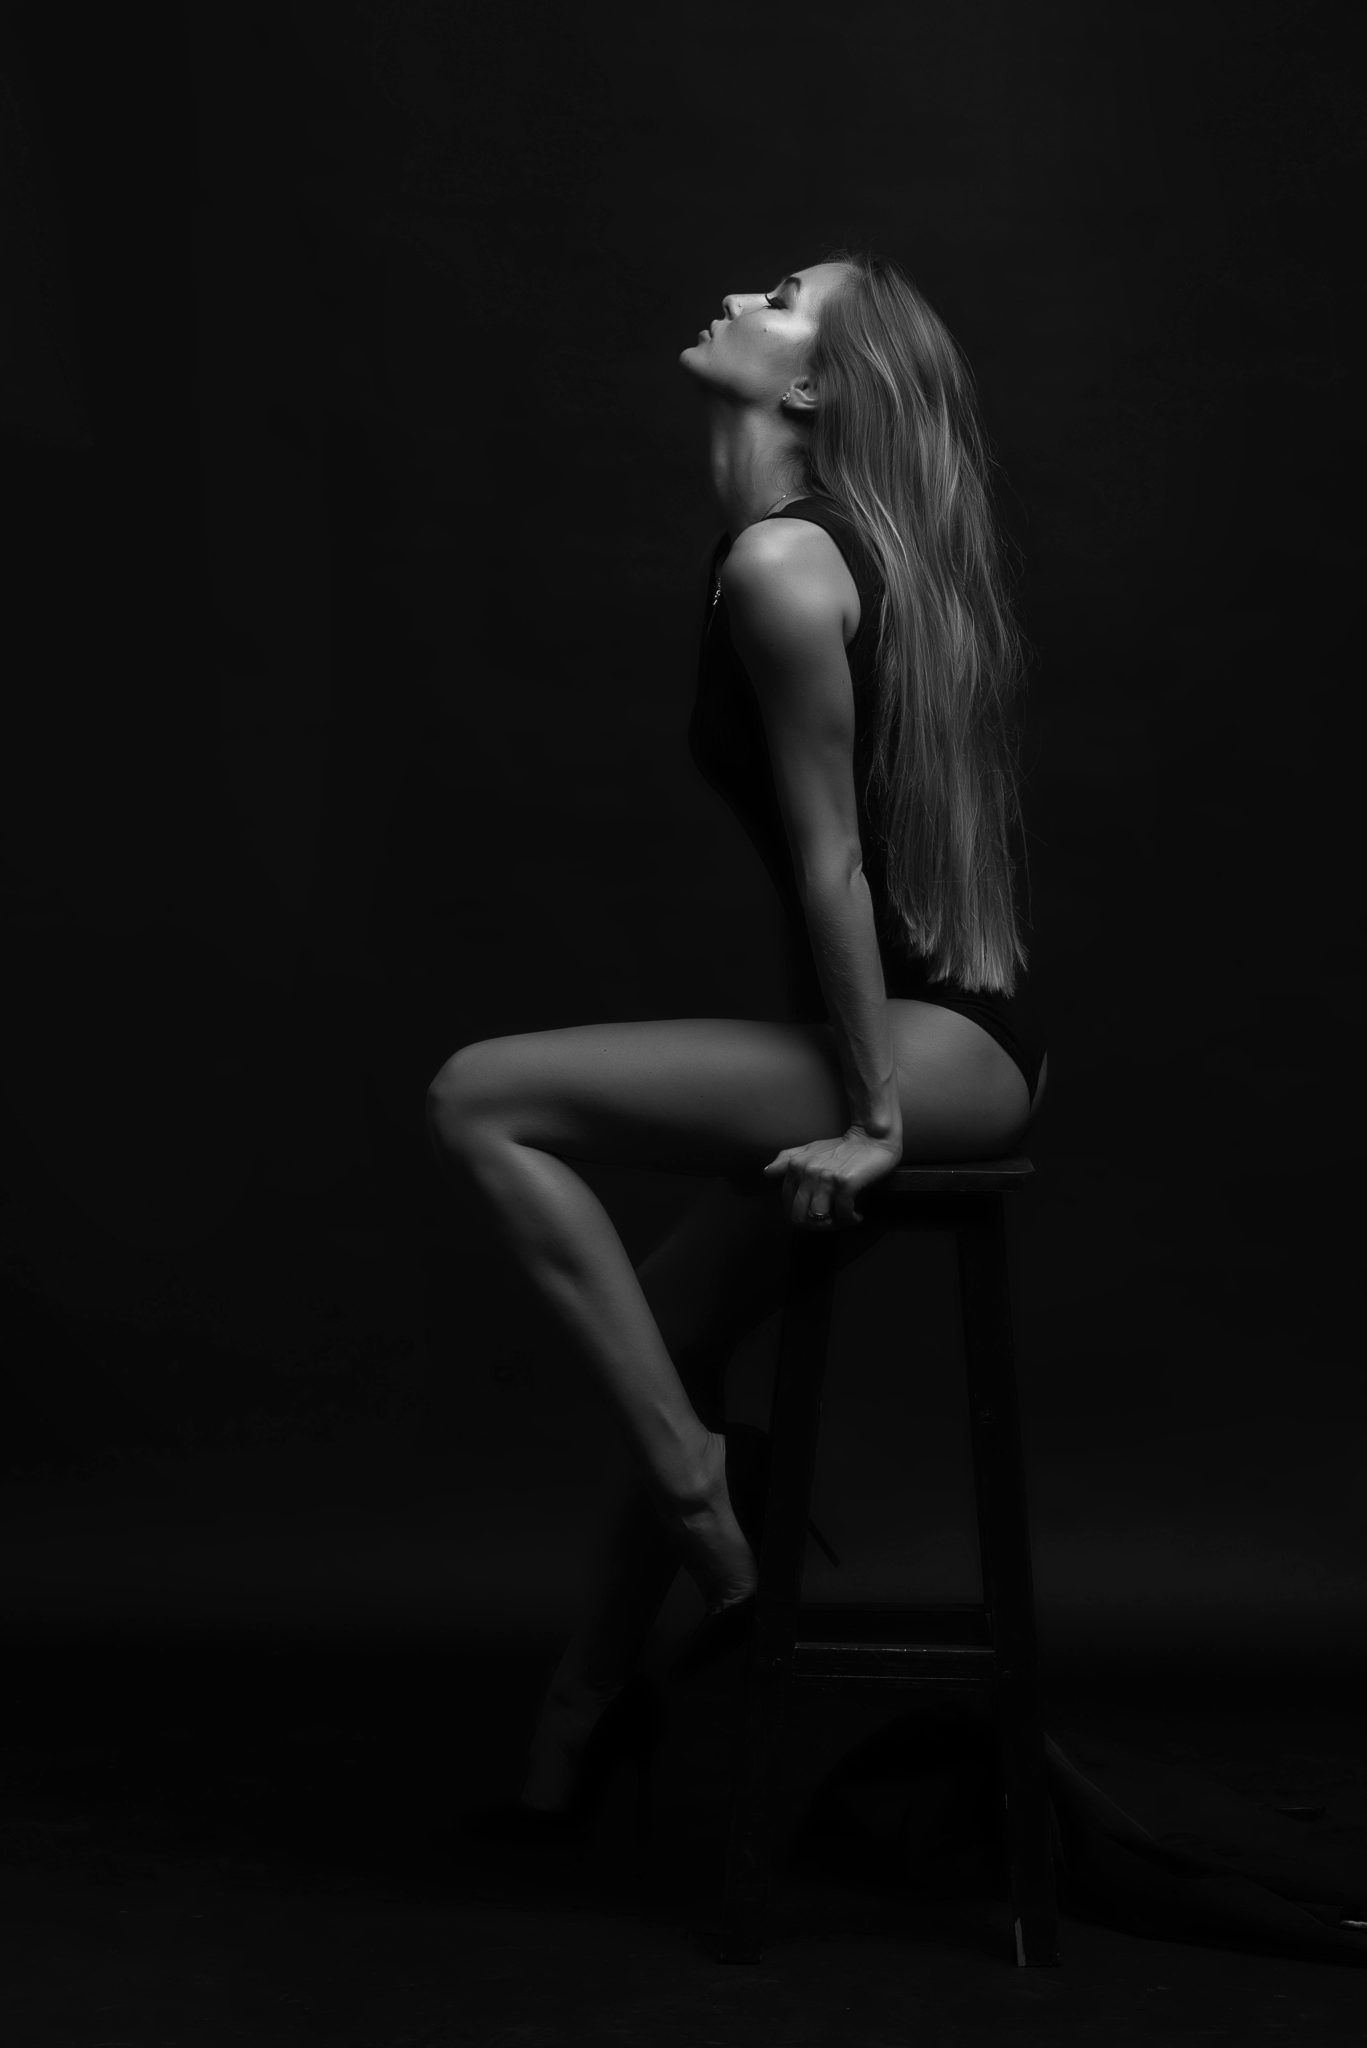 девушка модель фотодевушка модель работа